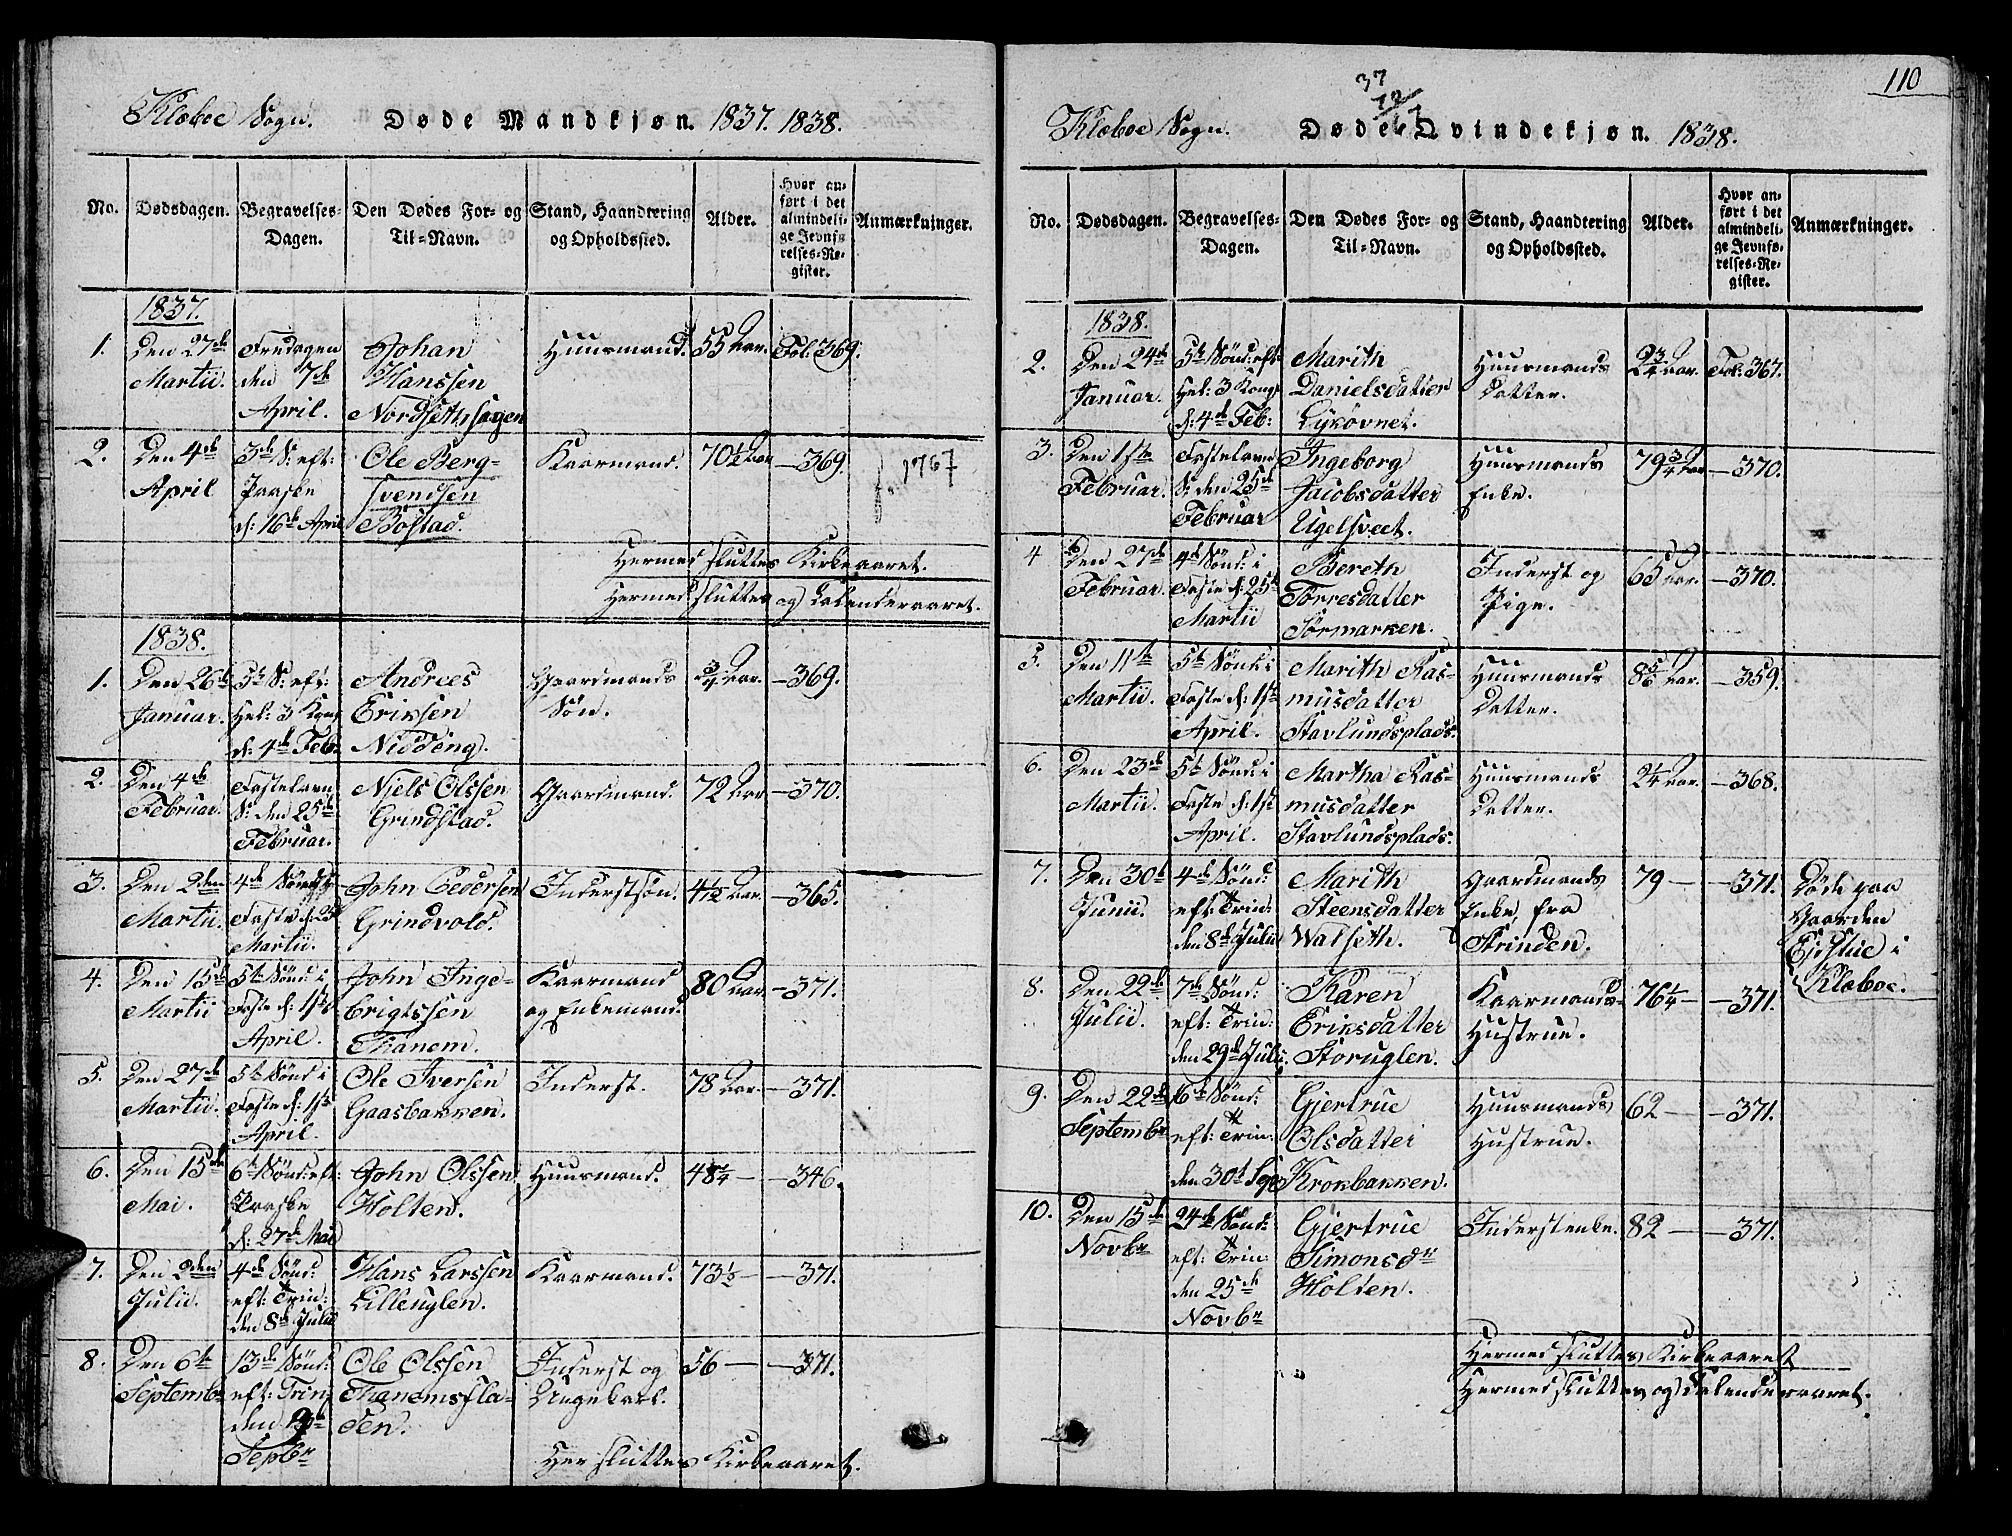 SAT, Ministerialprotokoller, klokkerbøker og fødselsregistre - Sør-Trøndelag, 618/L0450: Klokkerbok nr. 618C01, 1816-1865, s. 110